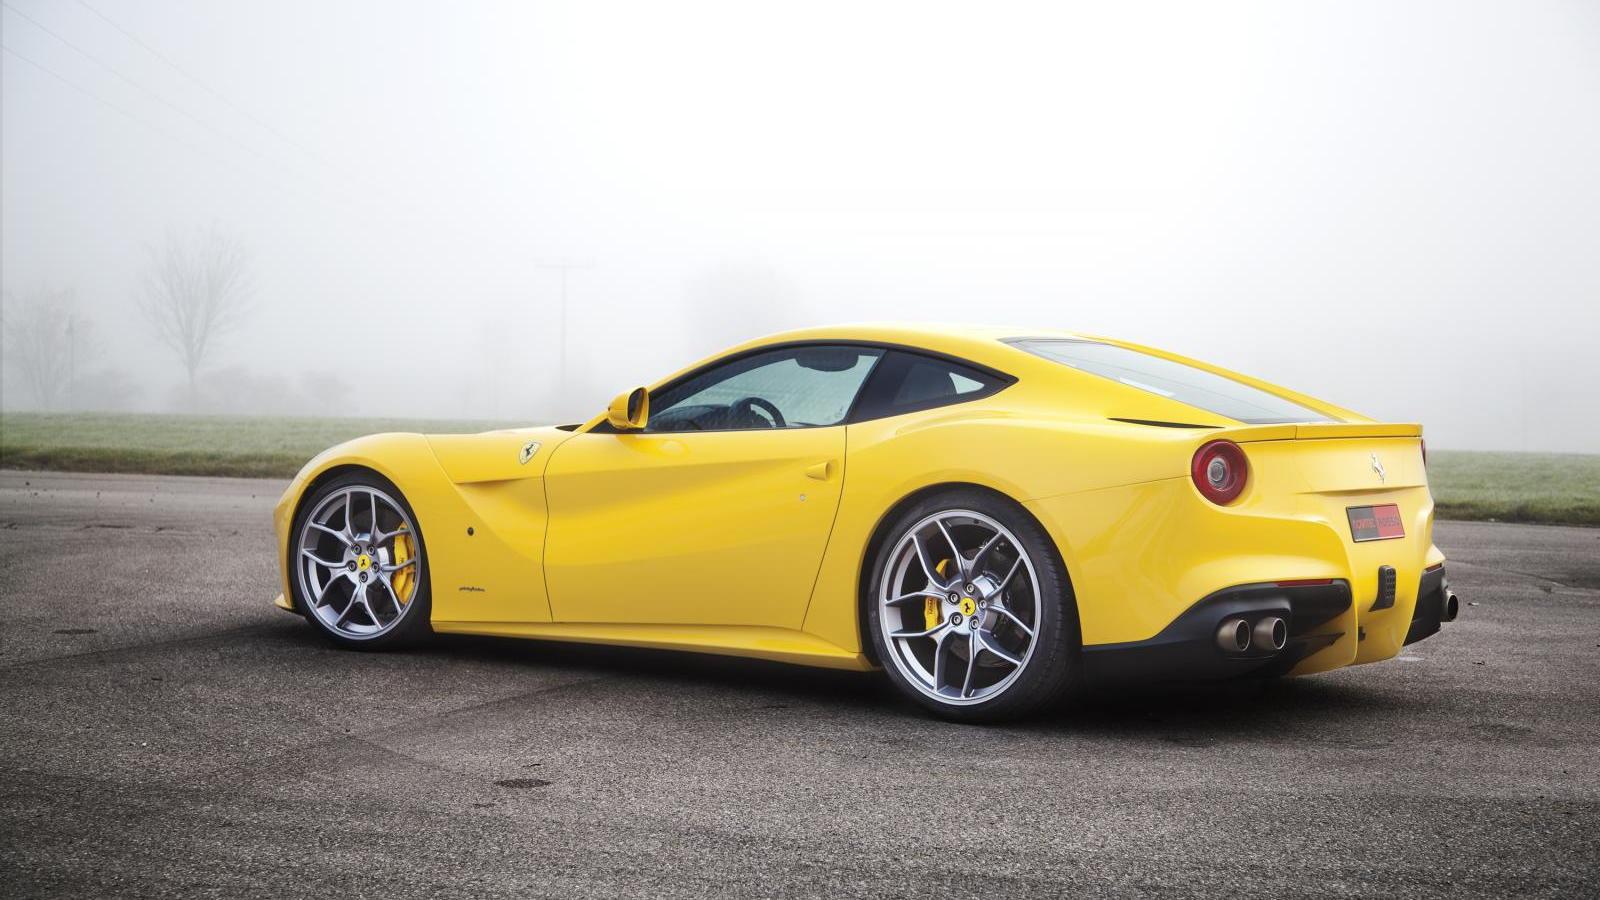 2013 Ferrari F12 Berlinetta by Novitec Rosso